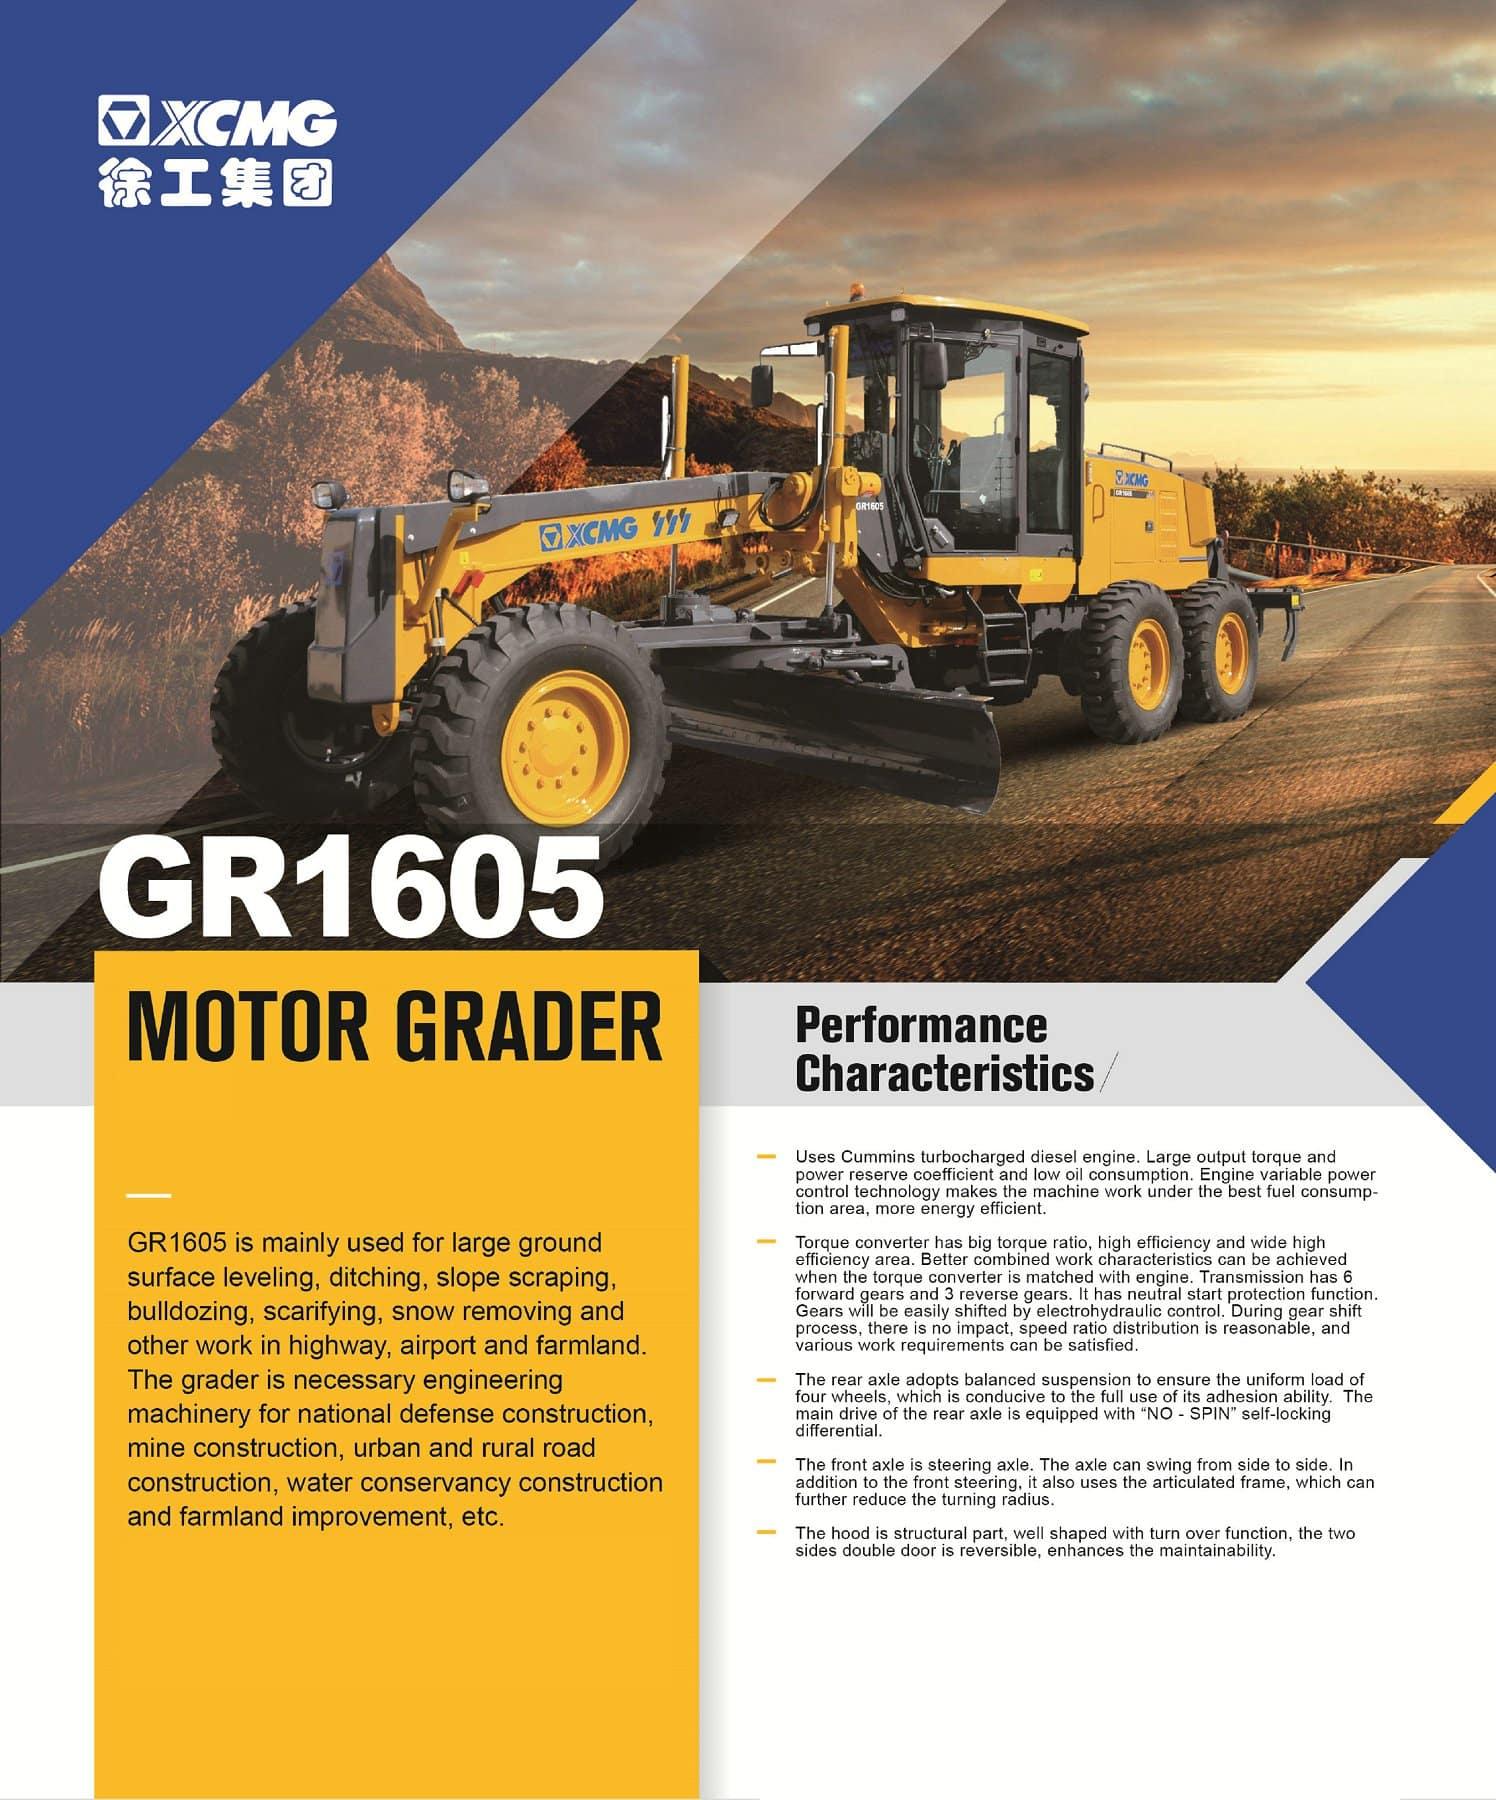 XCMG Official Motor Grader GR1605 for sale